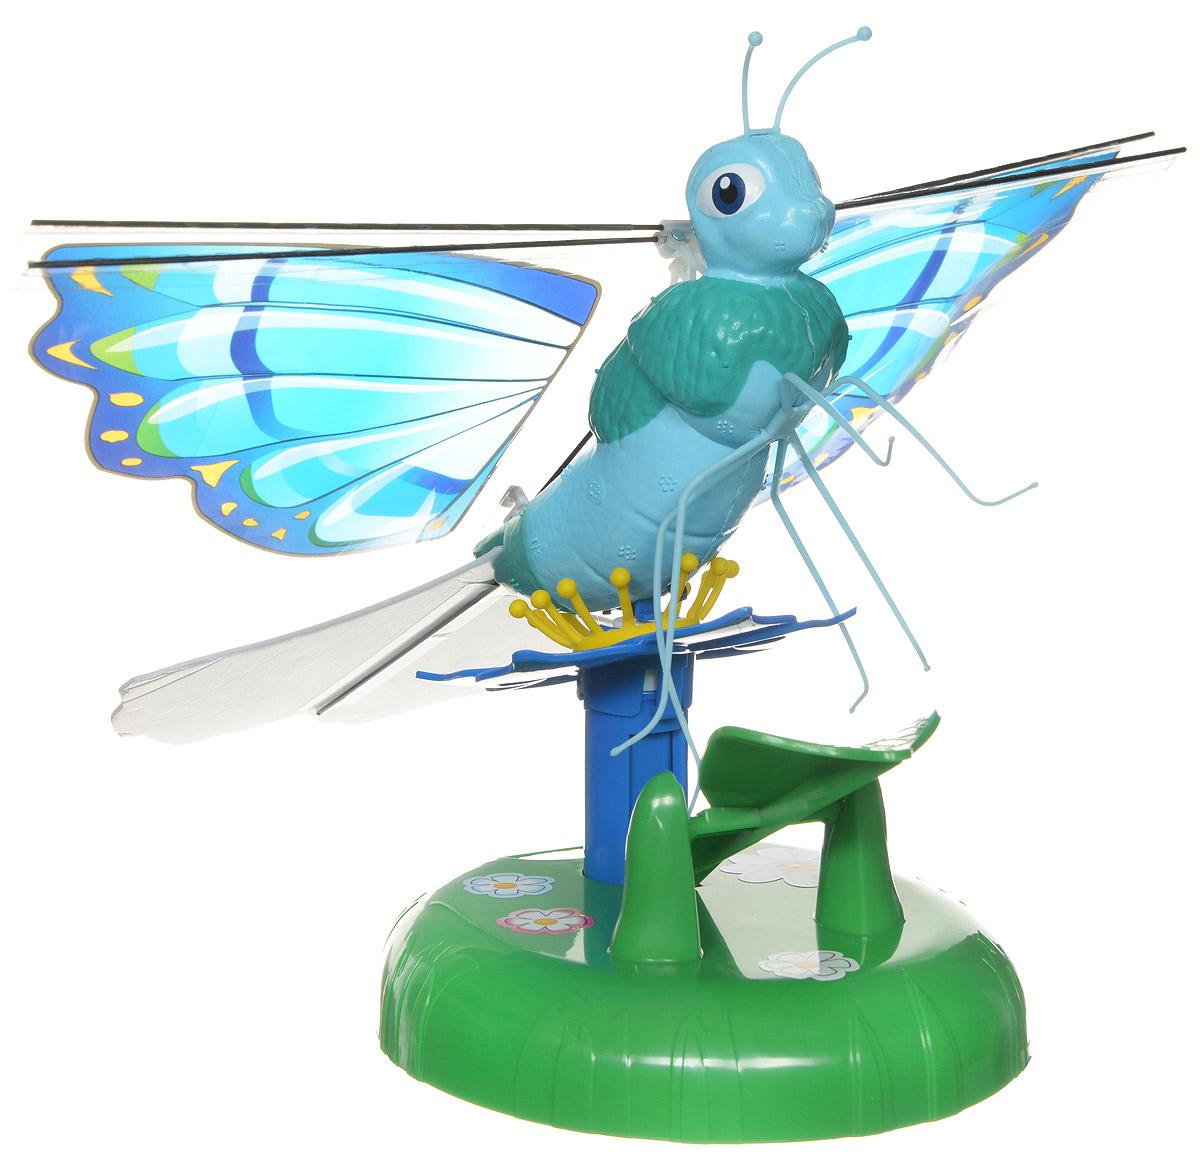 Splash Toys Интерактивная игрушка Летающая бабочка Zinnia - Интерактивные игрушки